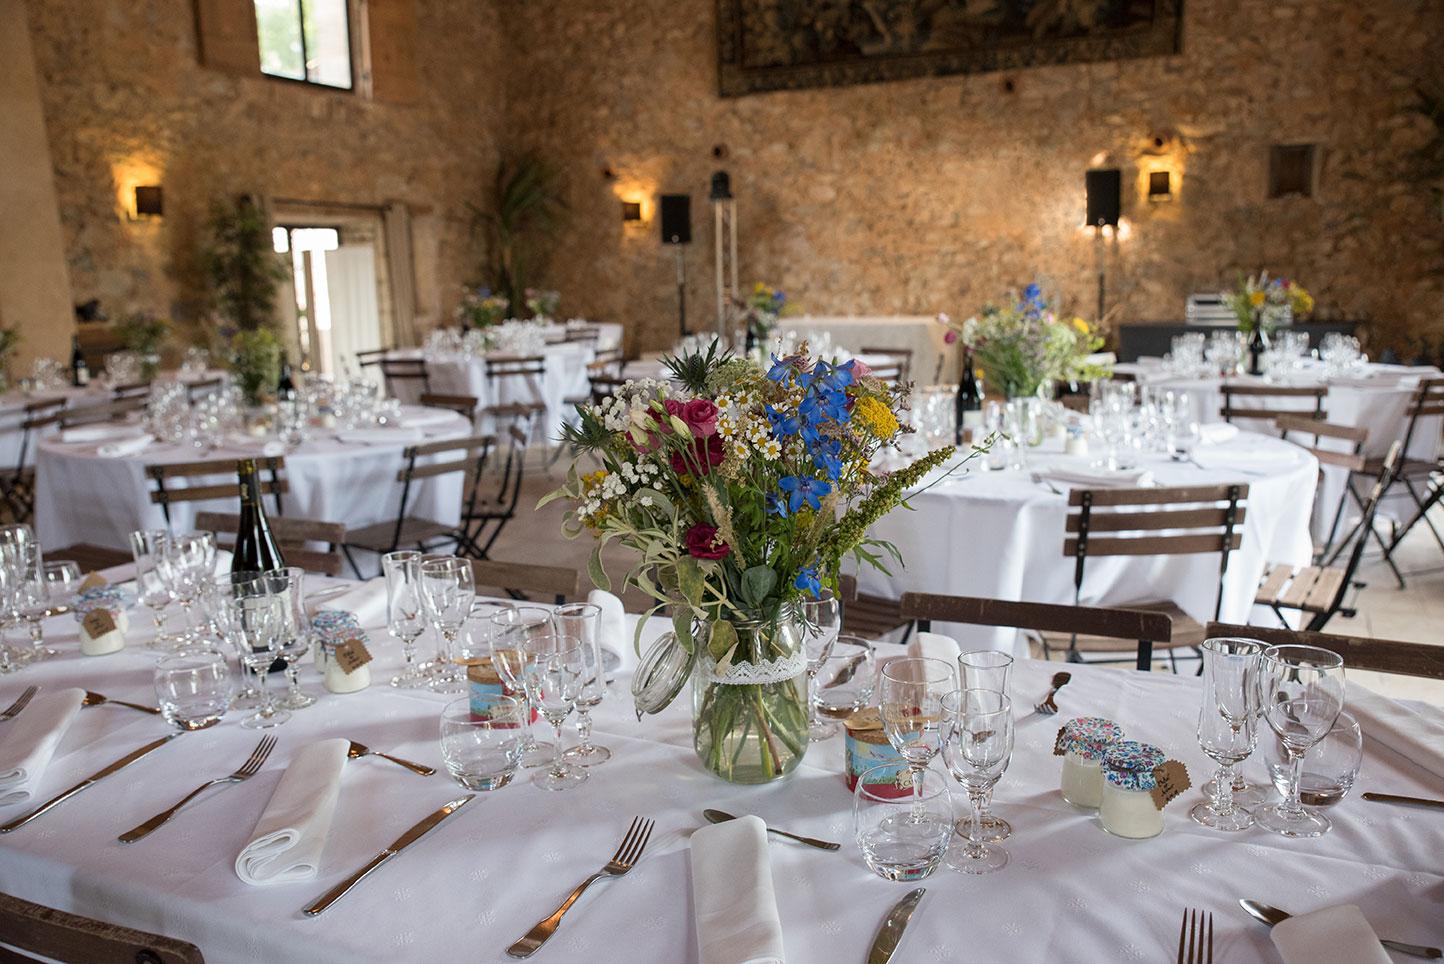 2018-06-16-mariage-chateau-bas-d-aumelas-378